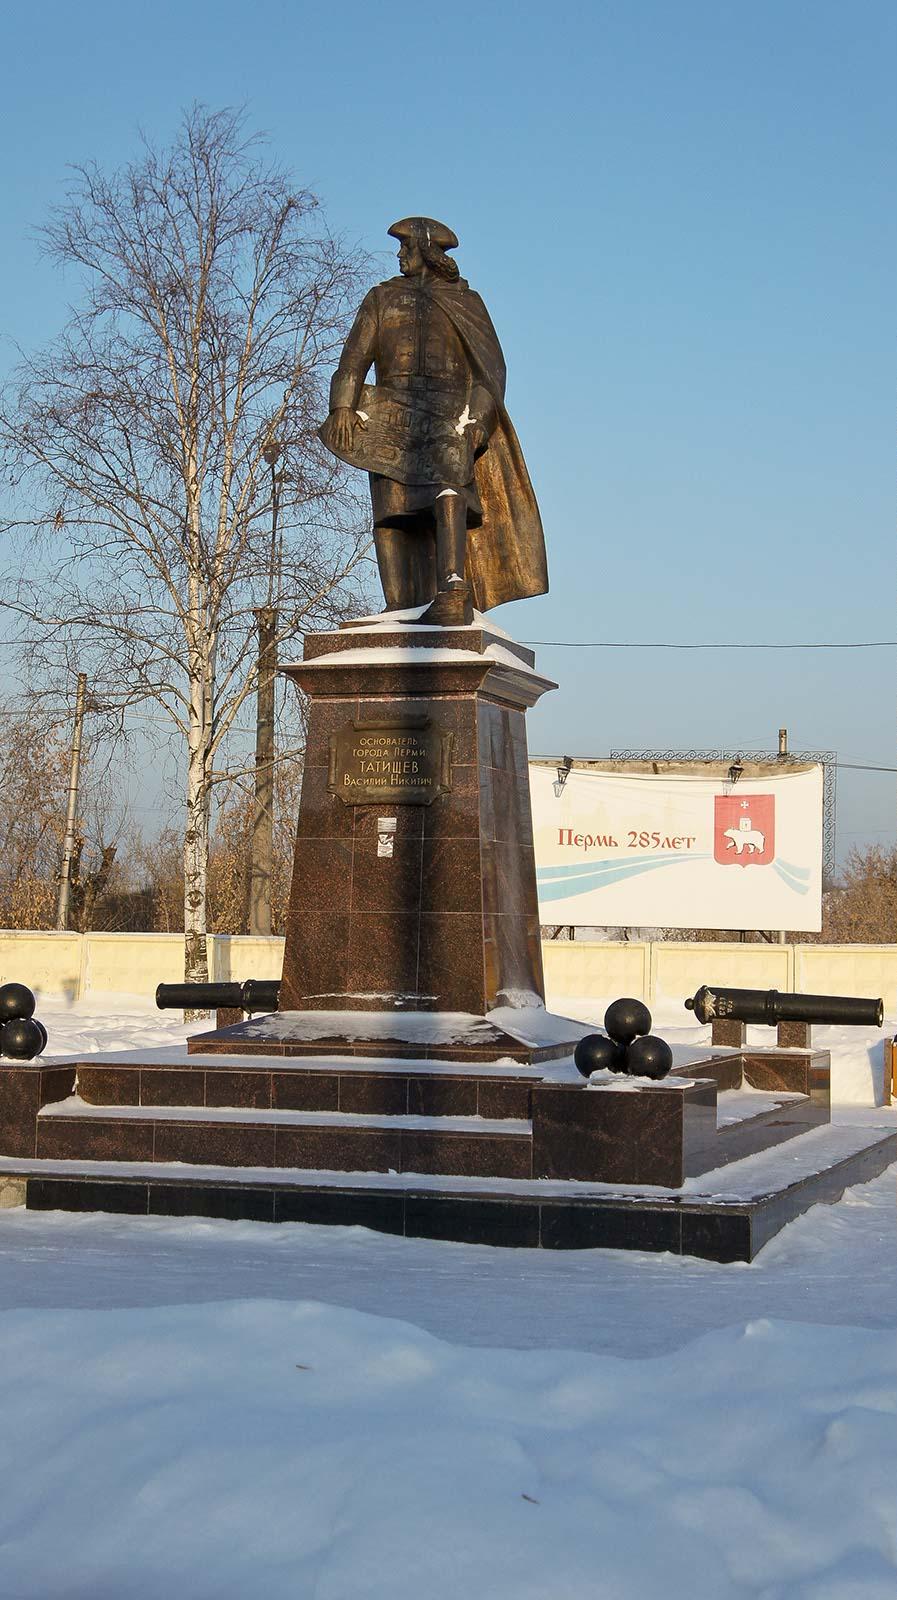 Фото №91789. Памятник основателю г. Перми Татищеву Василию Никитичу в Разгуляе. Пермь, январь 2012